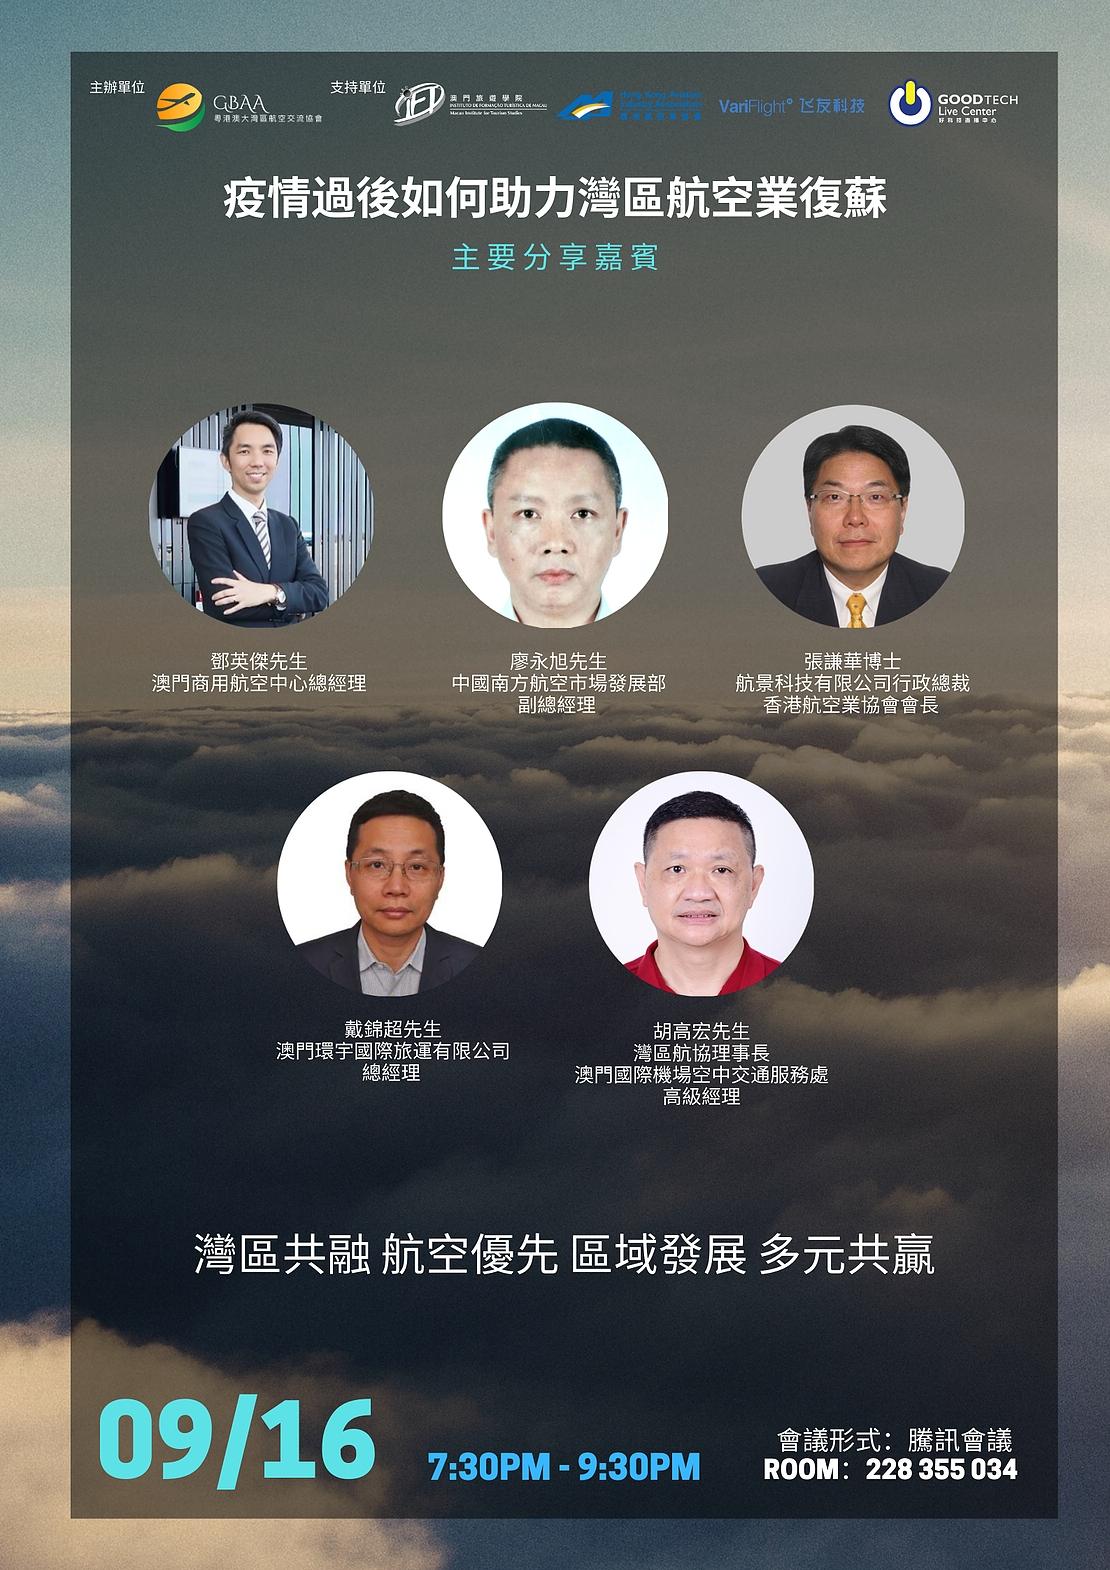 粤港澳大湾区航空交流协会